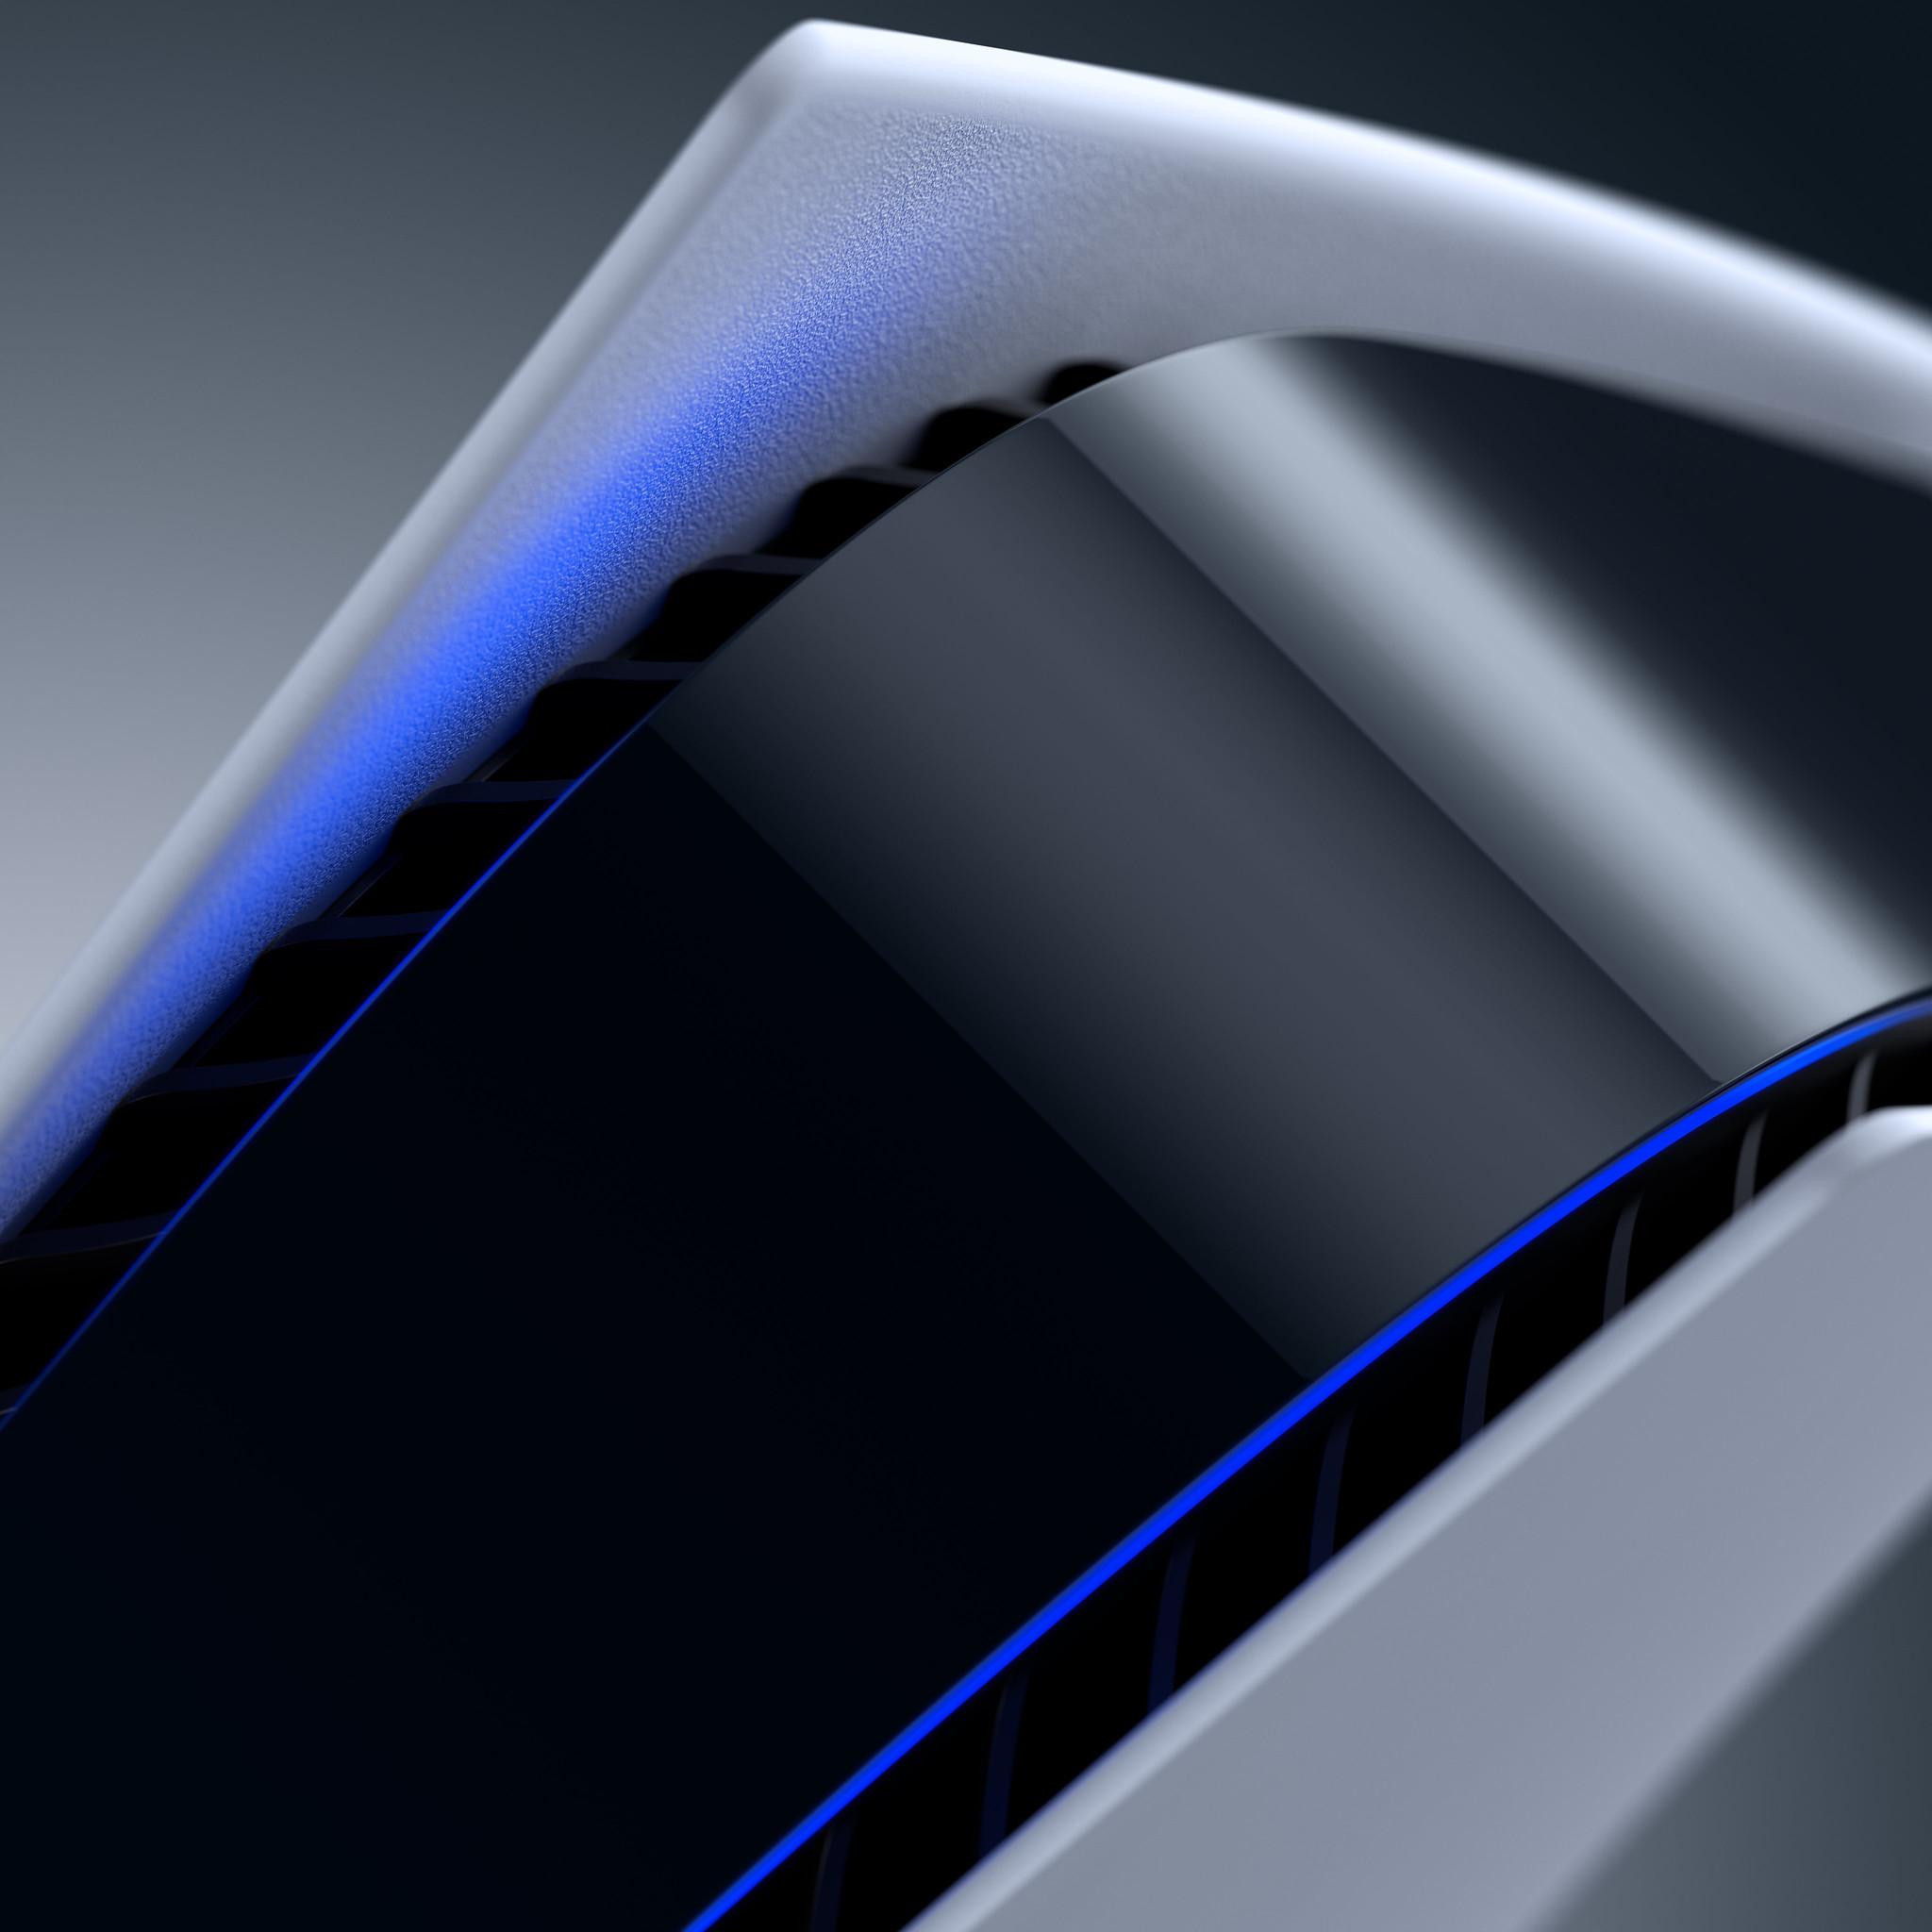 PS5 и аксессуары к консоли во всей красе на фотографиях Sony